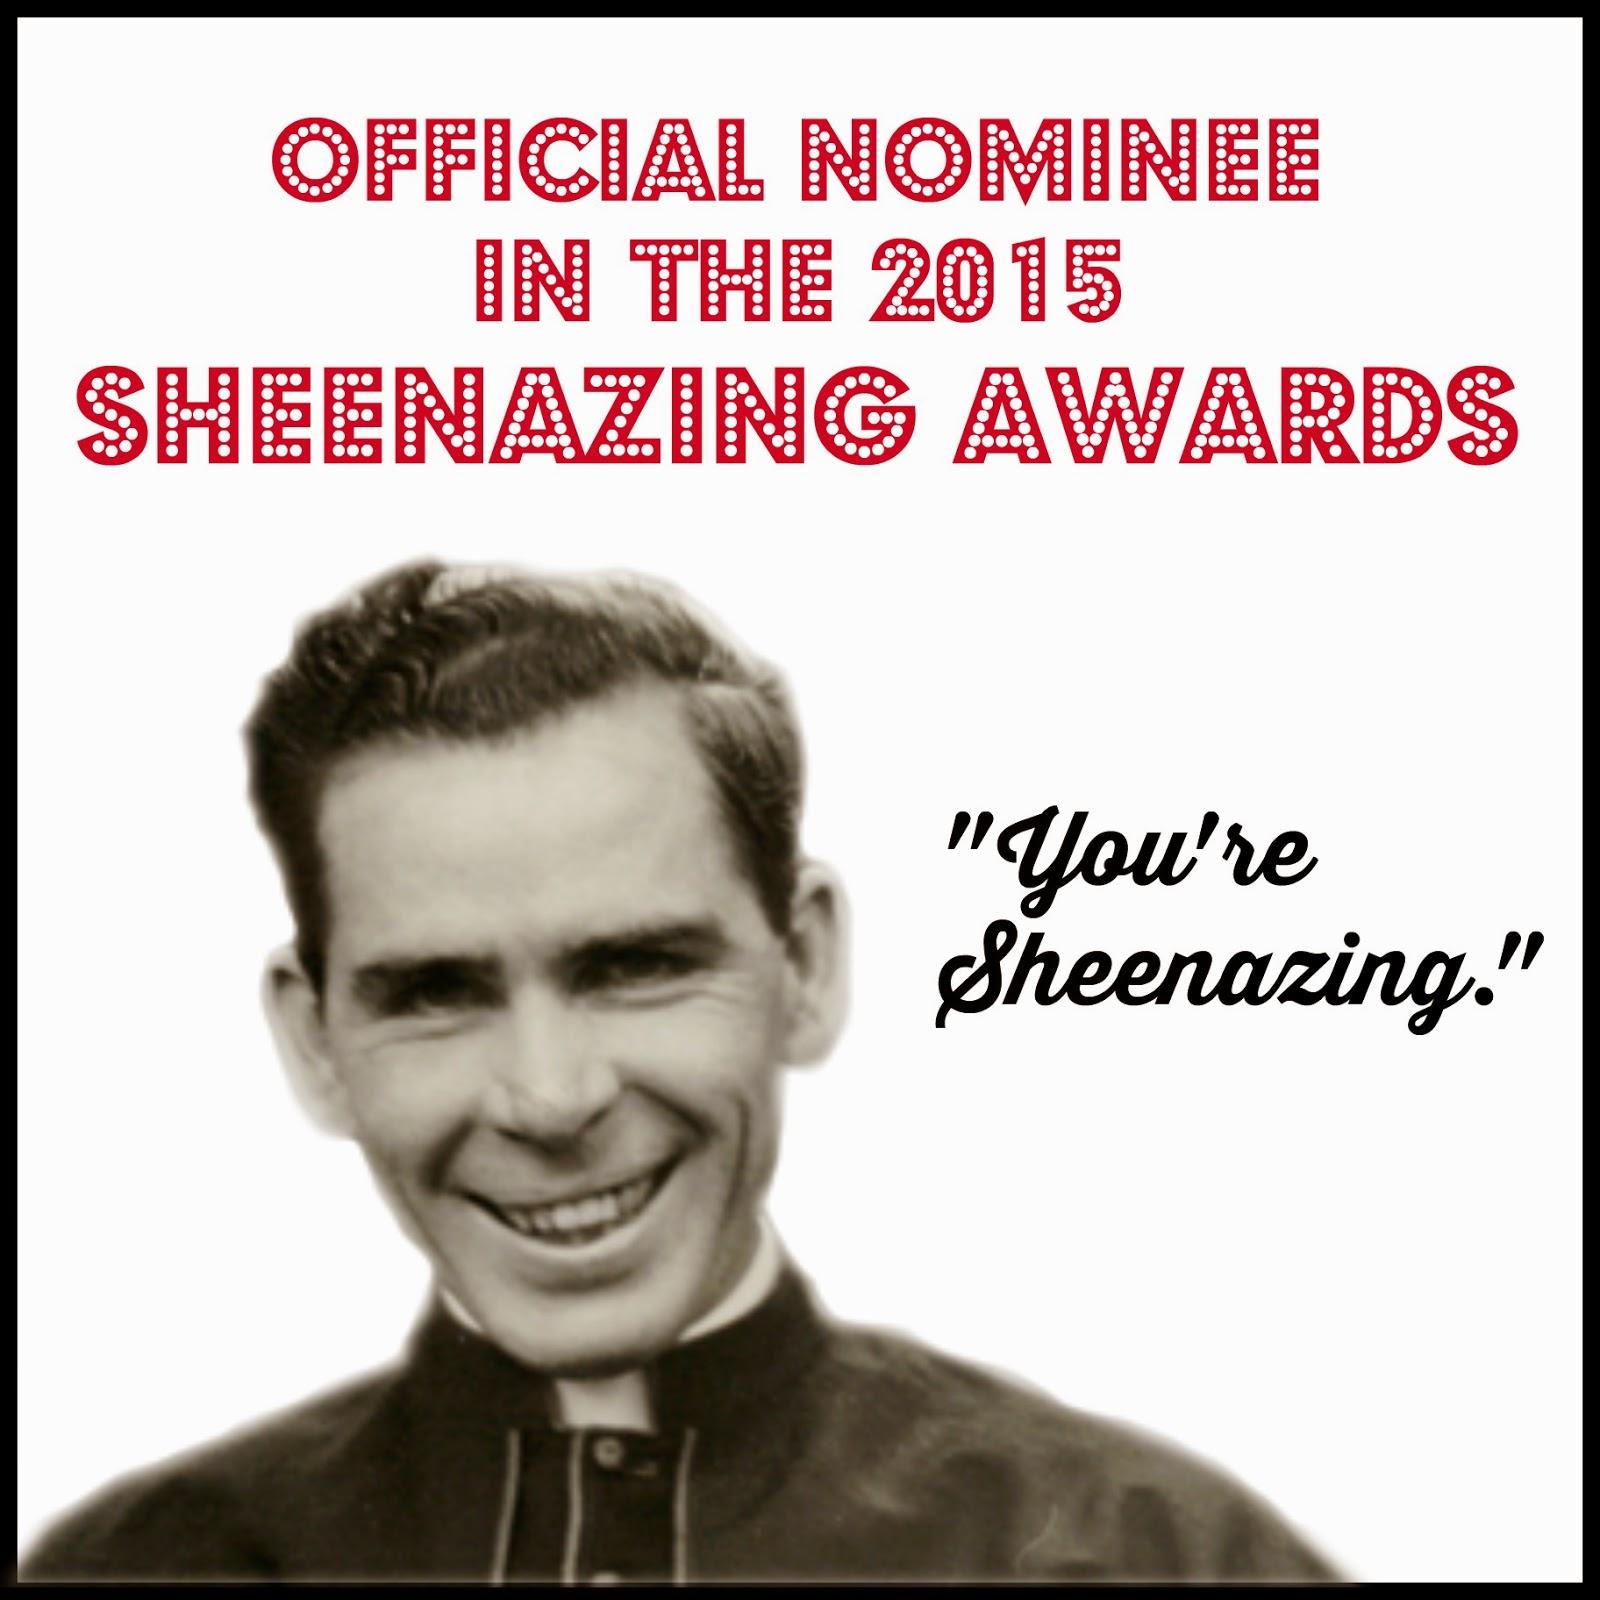 Sheenazing nominee.